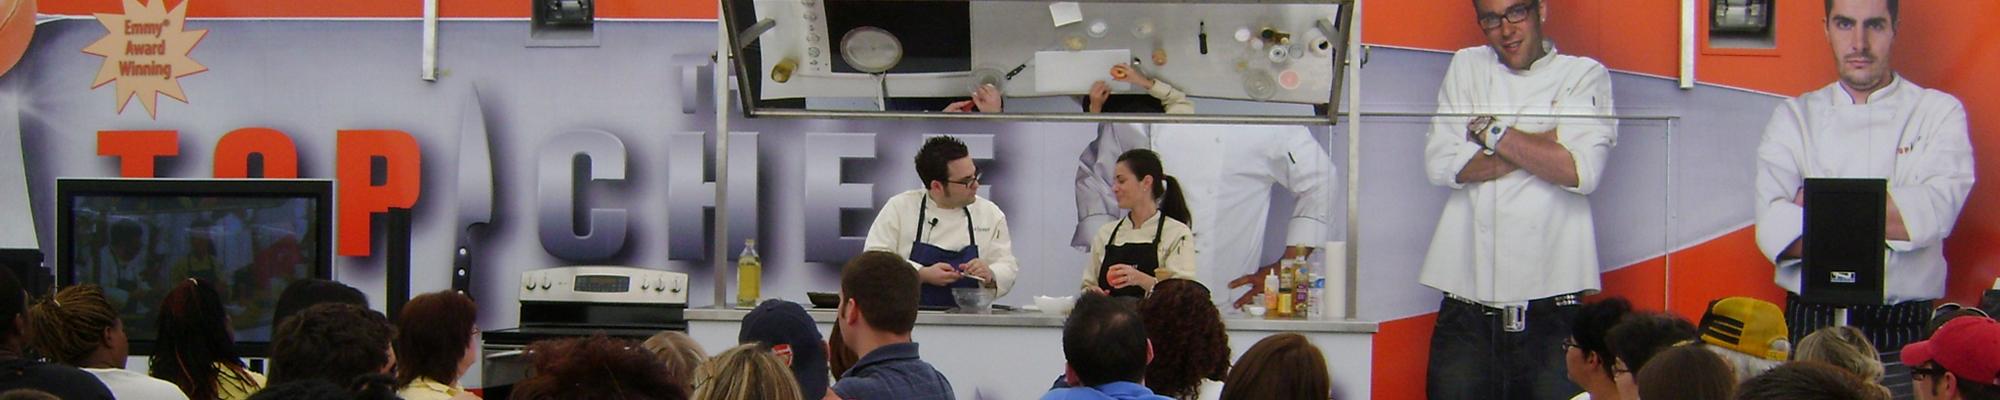 Top Chef Celebrities